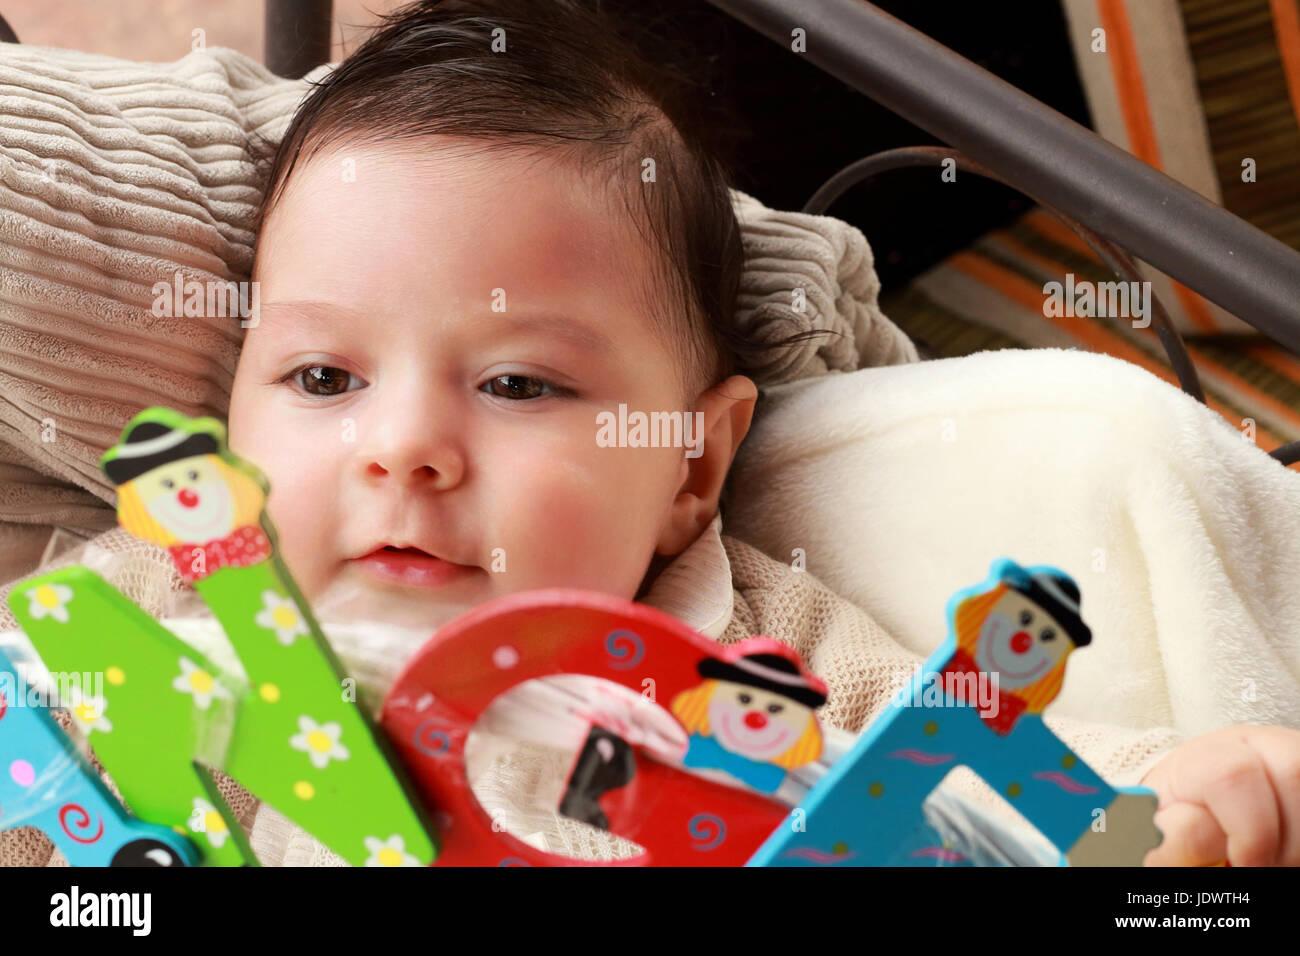 Bébé jouant avec les lettres colorées Photo Stock